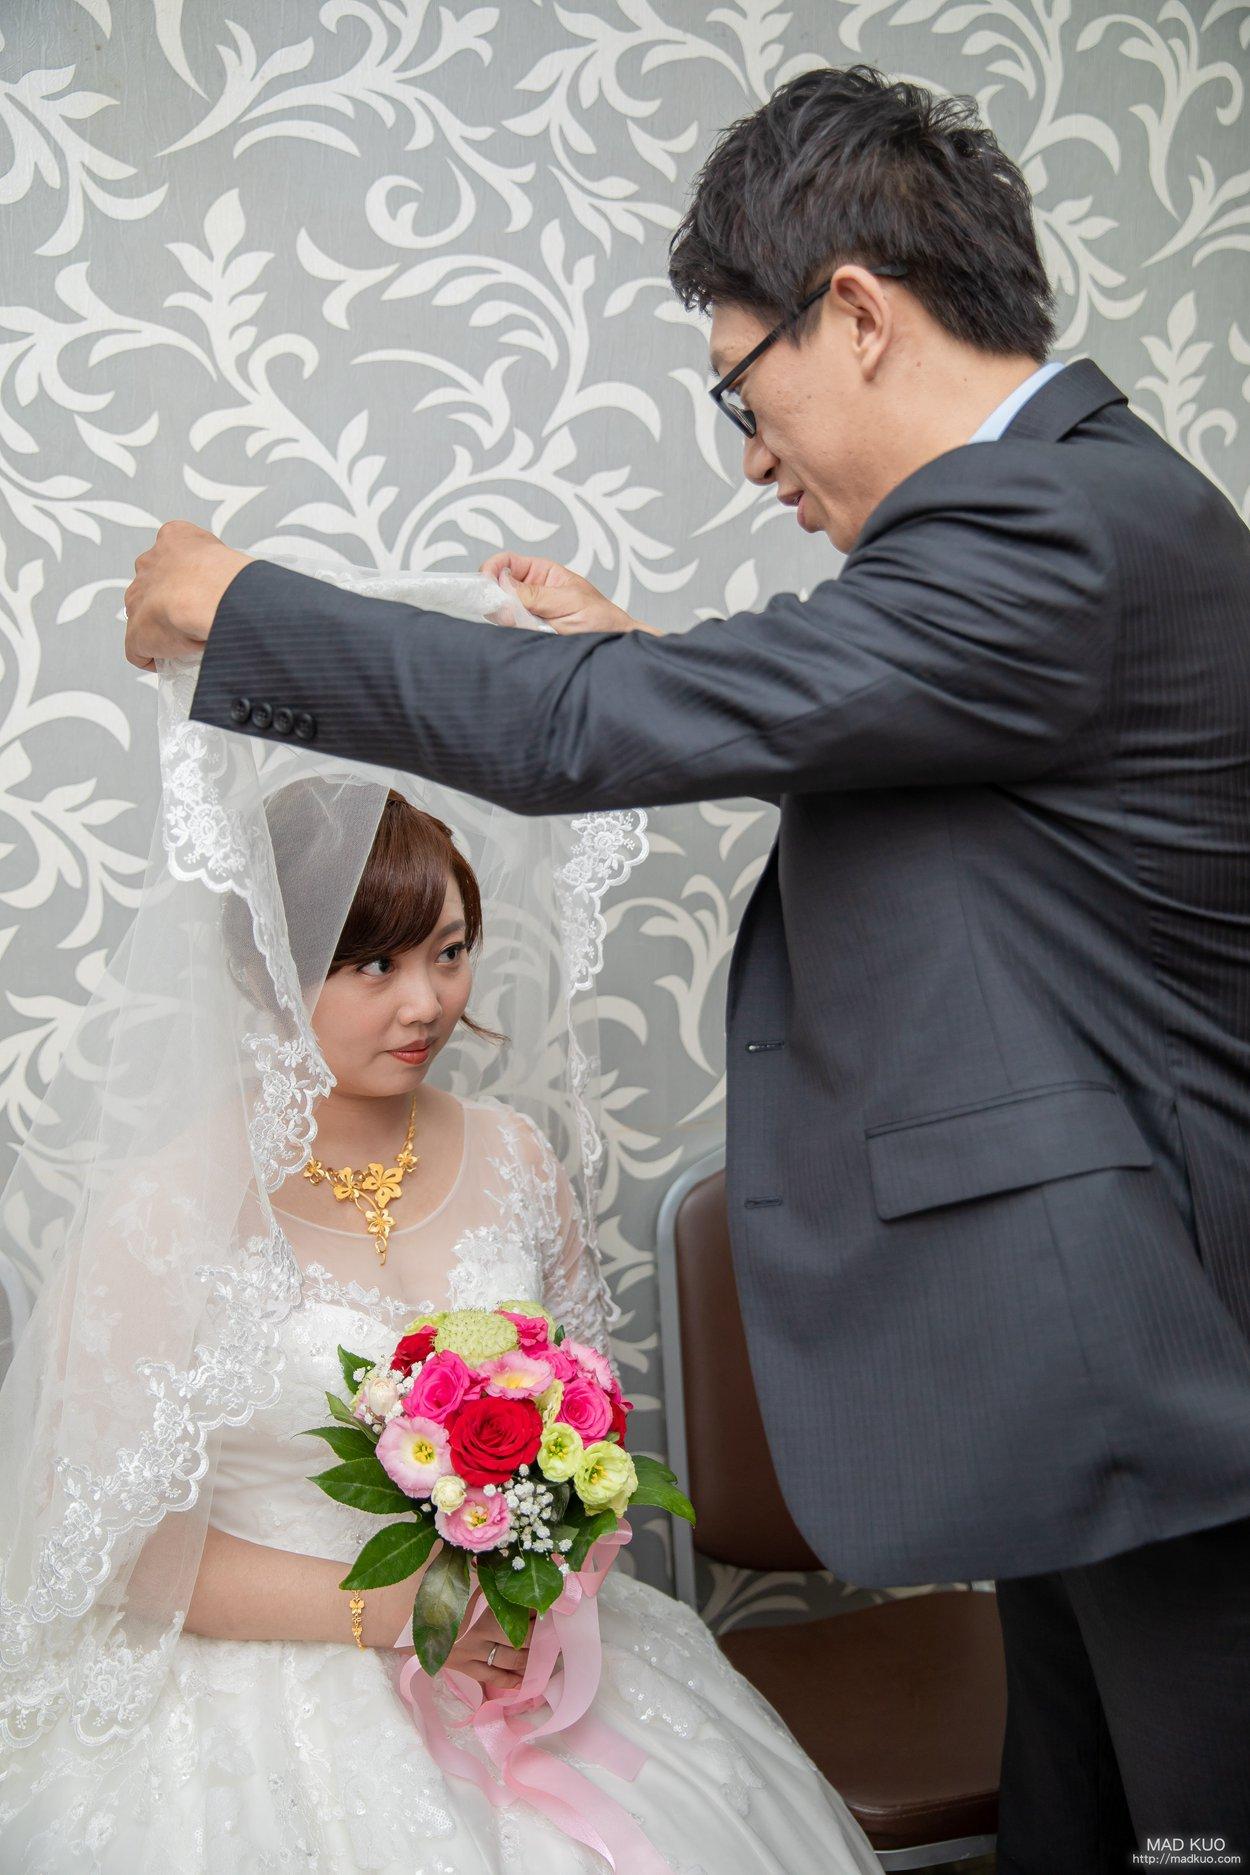 宜蘭婚攝推薦,宜蘭龍園婚攝